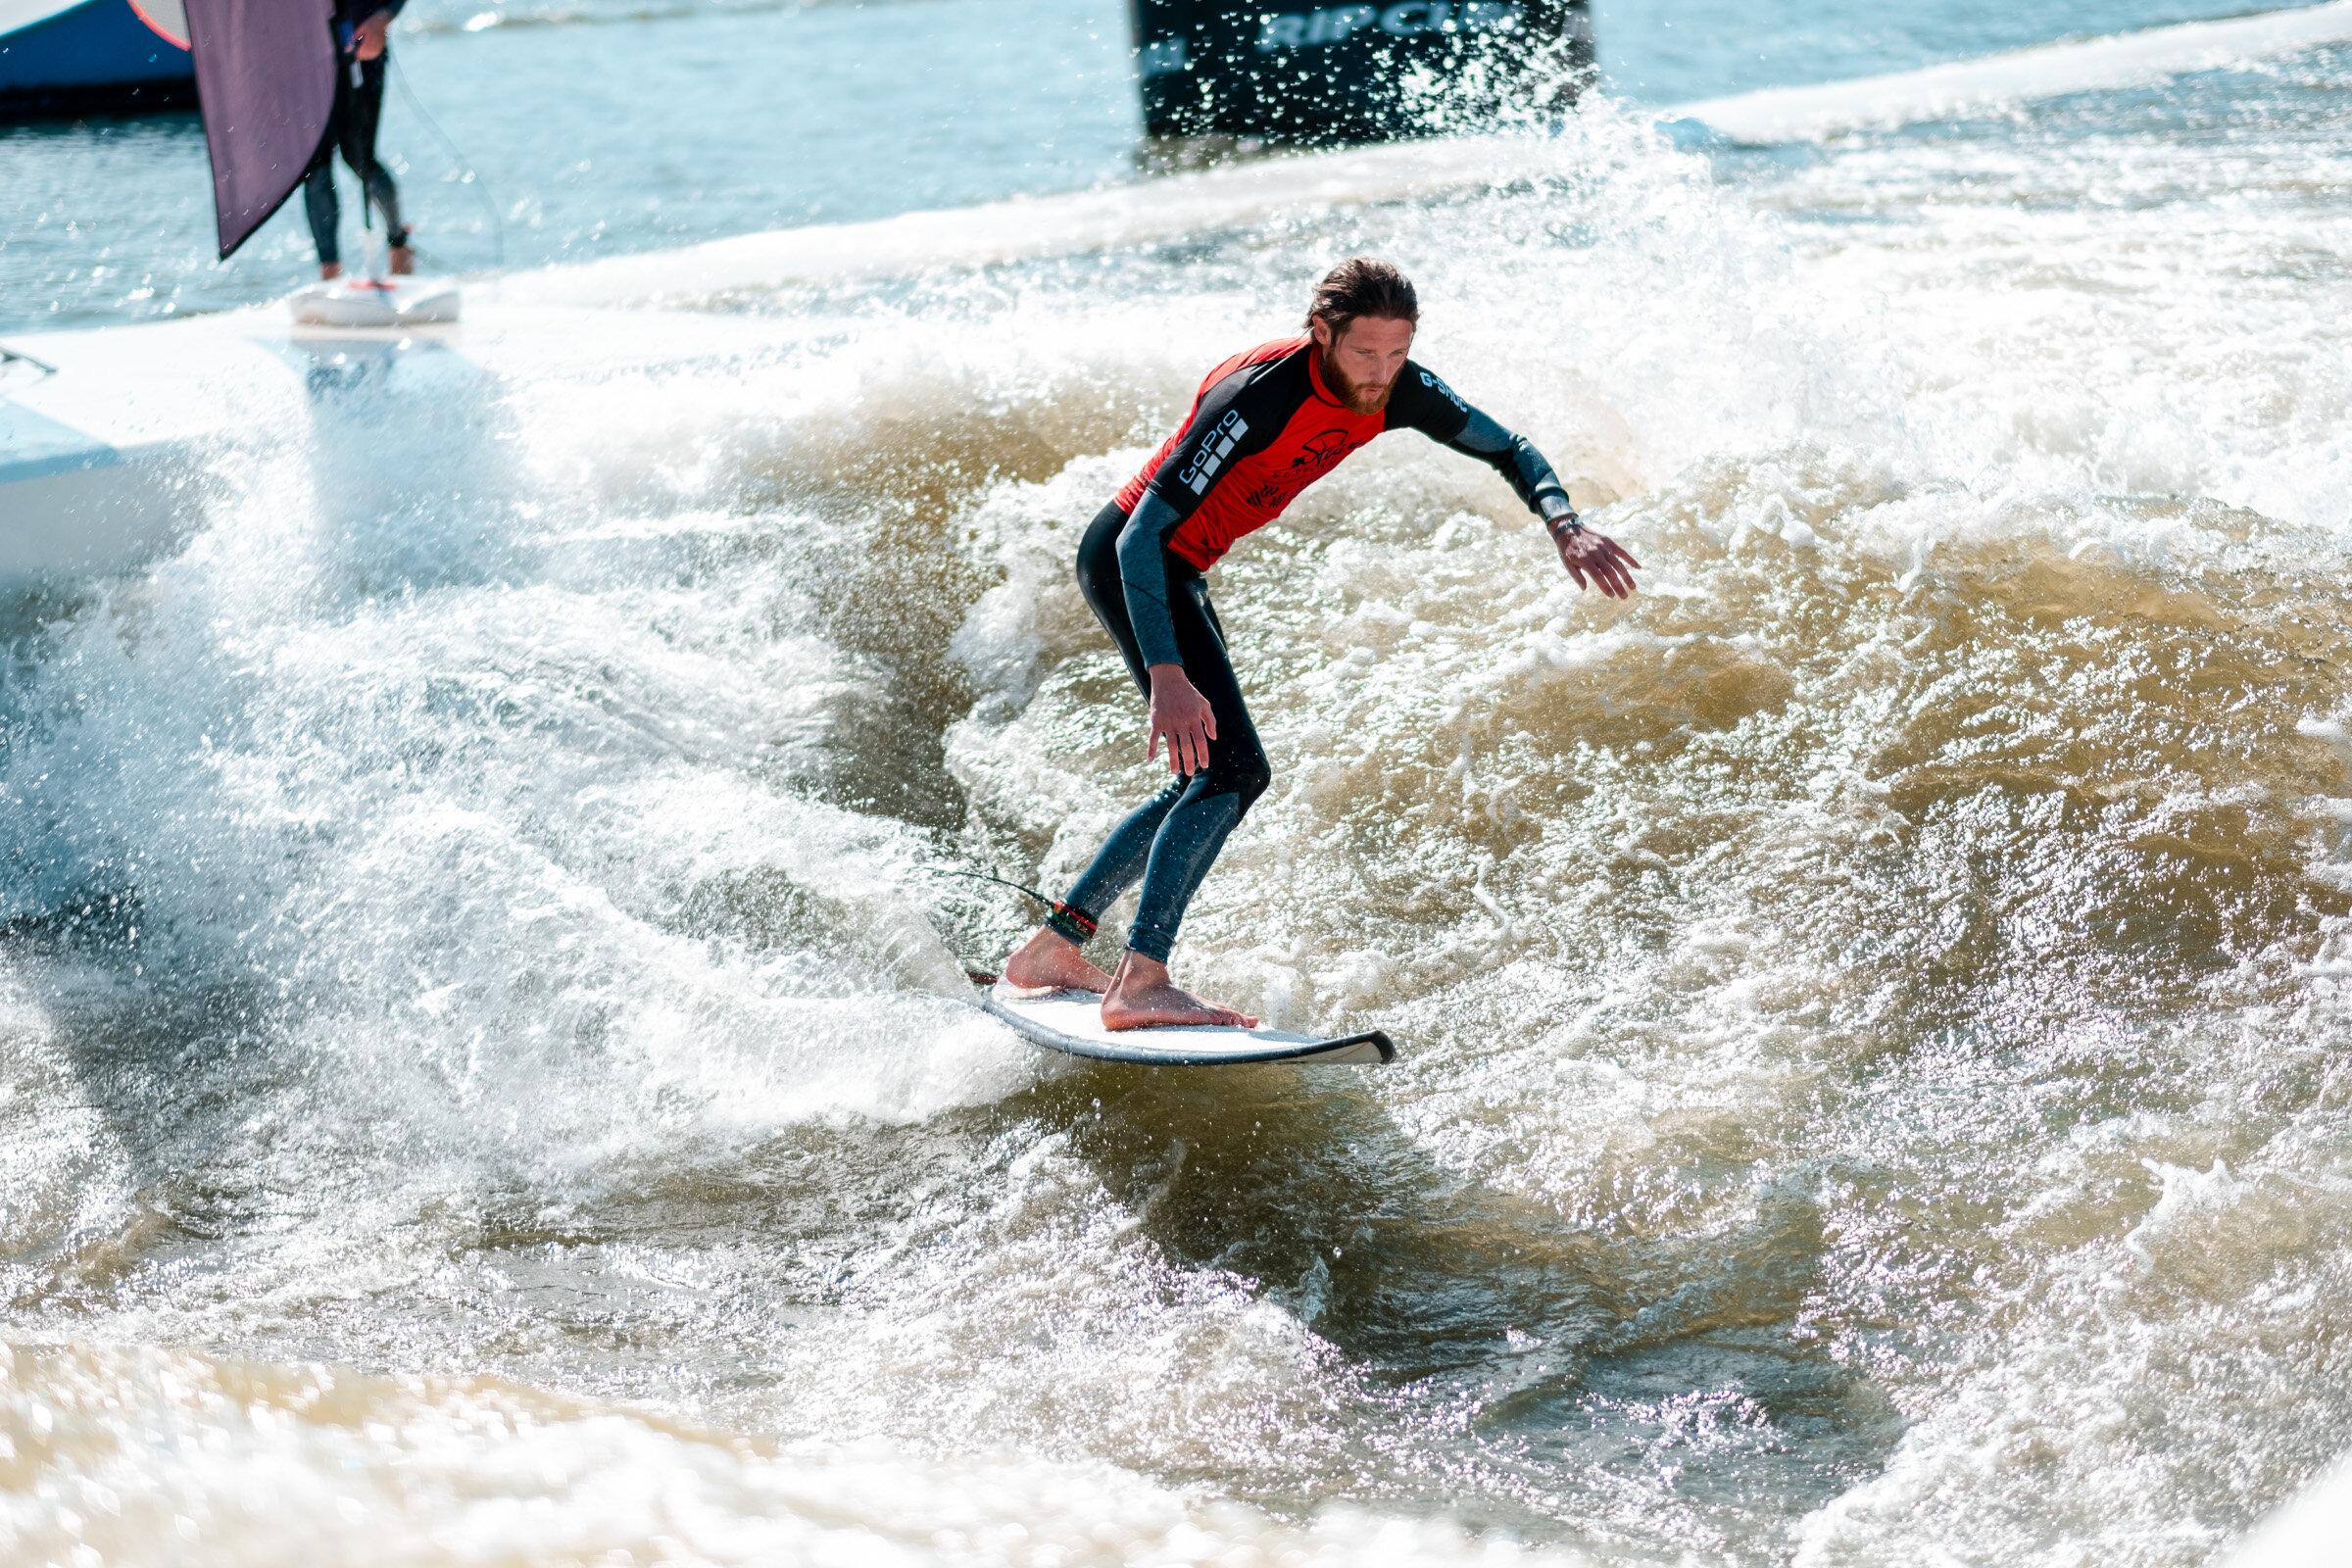 rapid-surf-contest-derKristof-71.jpg